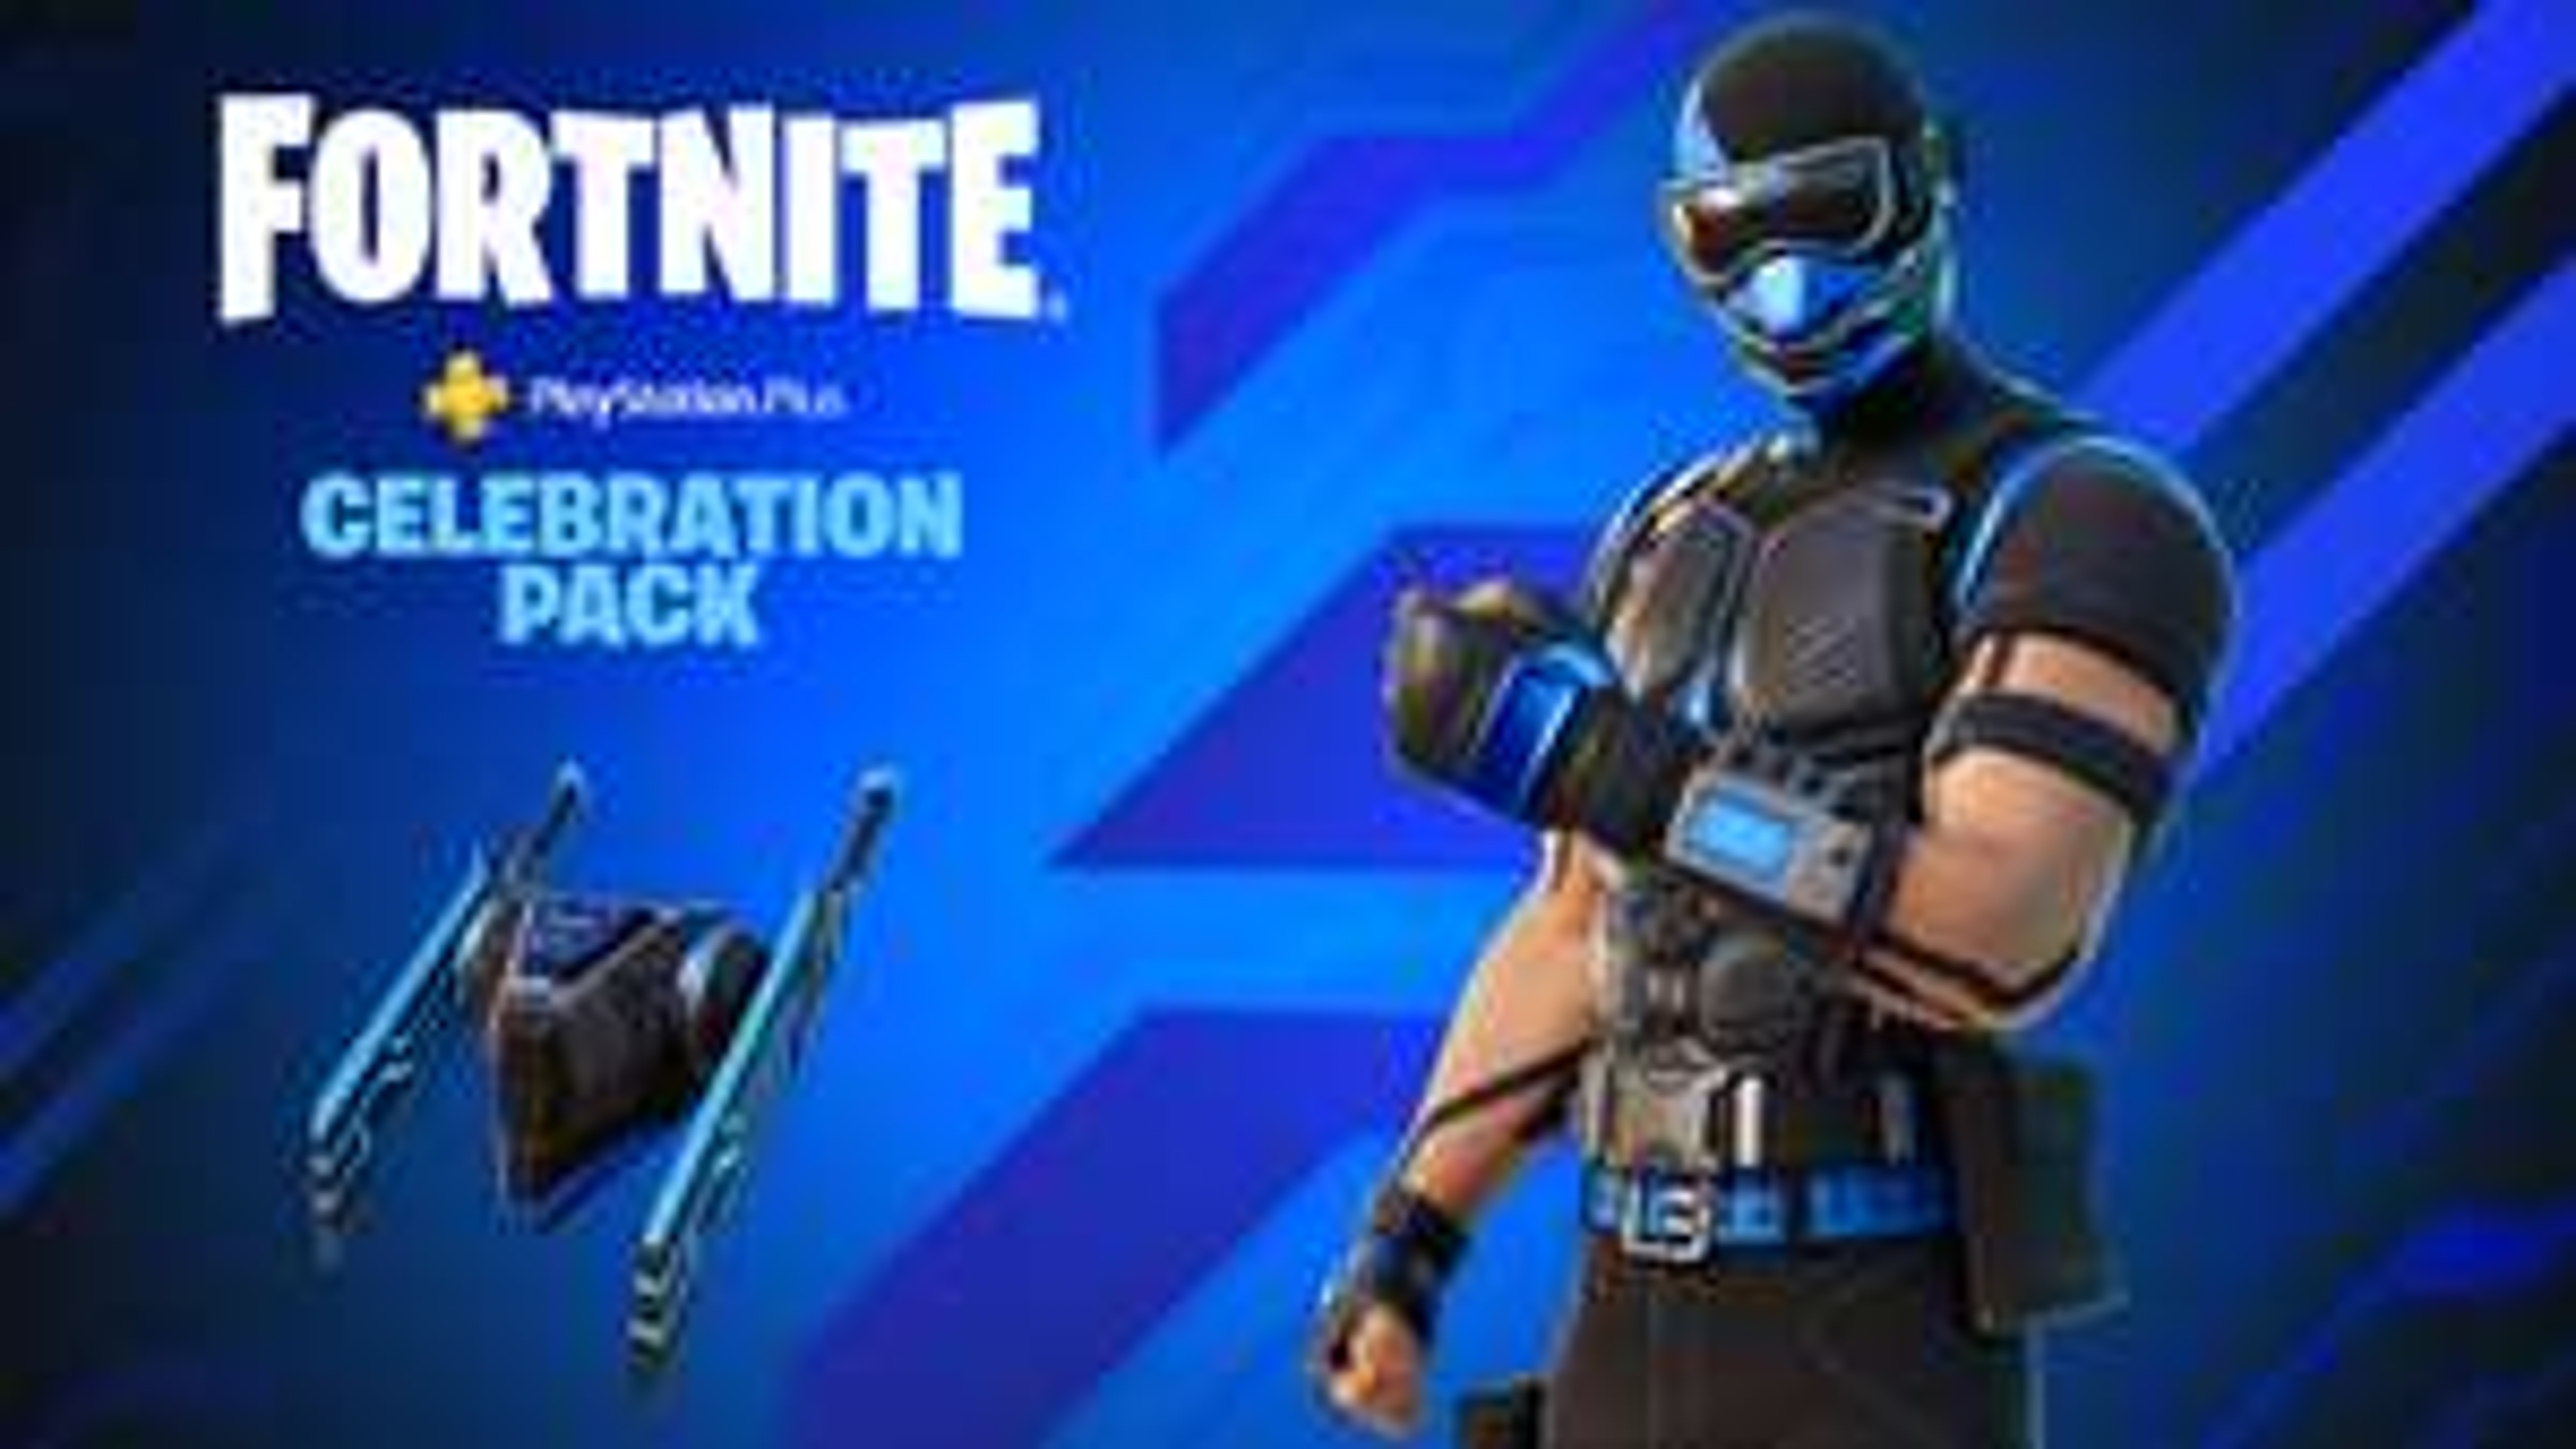 Fortnite Celebration Pack